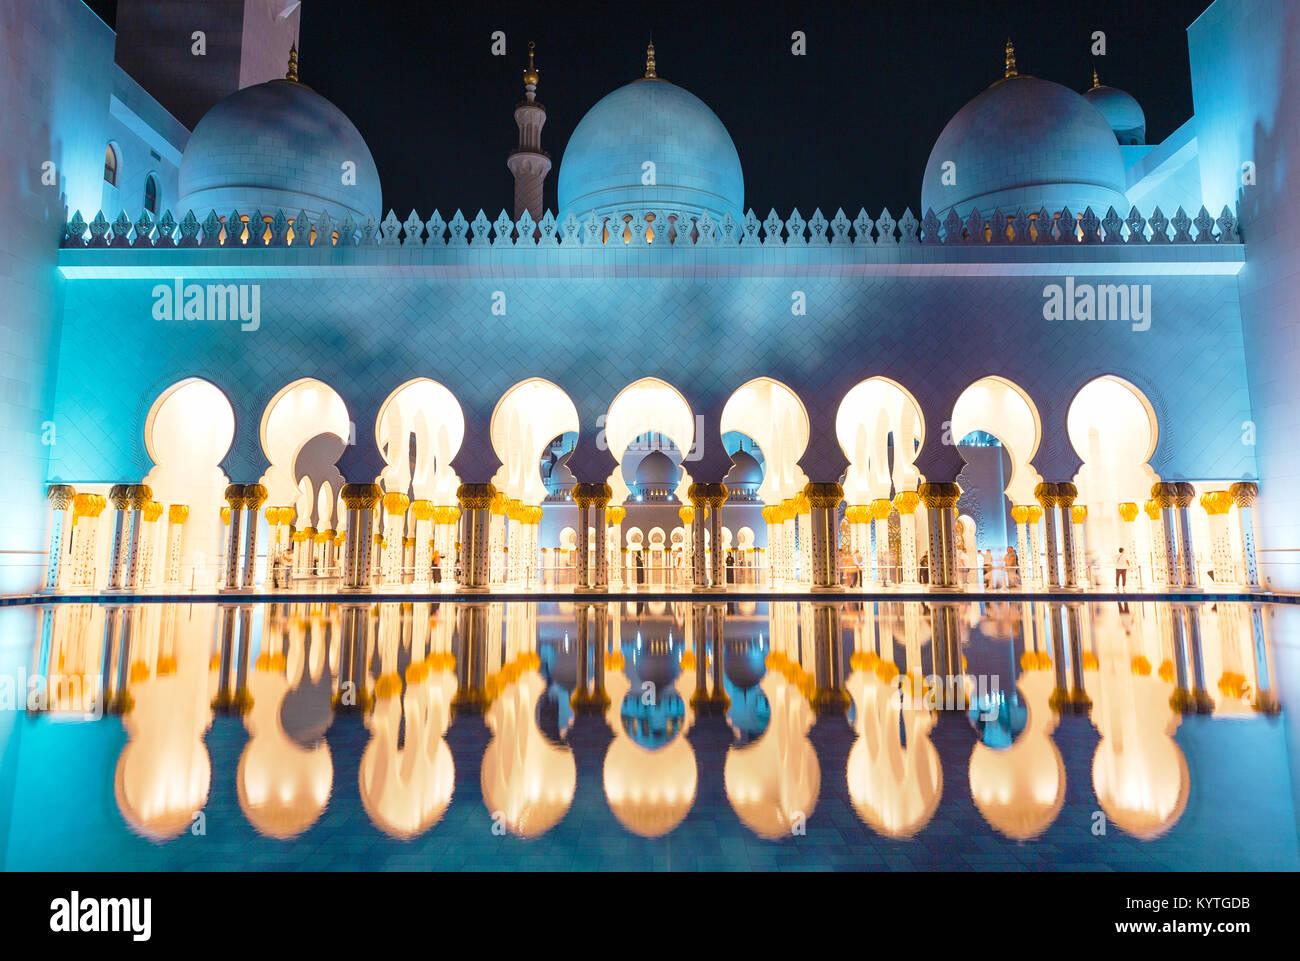 Abu Dhabi Lo sceicco Zayed grande moschea di notte. Arabian Nights. immaginazione e sognanti meraviglia del mondo. Immagini Stock